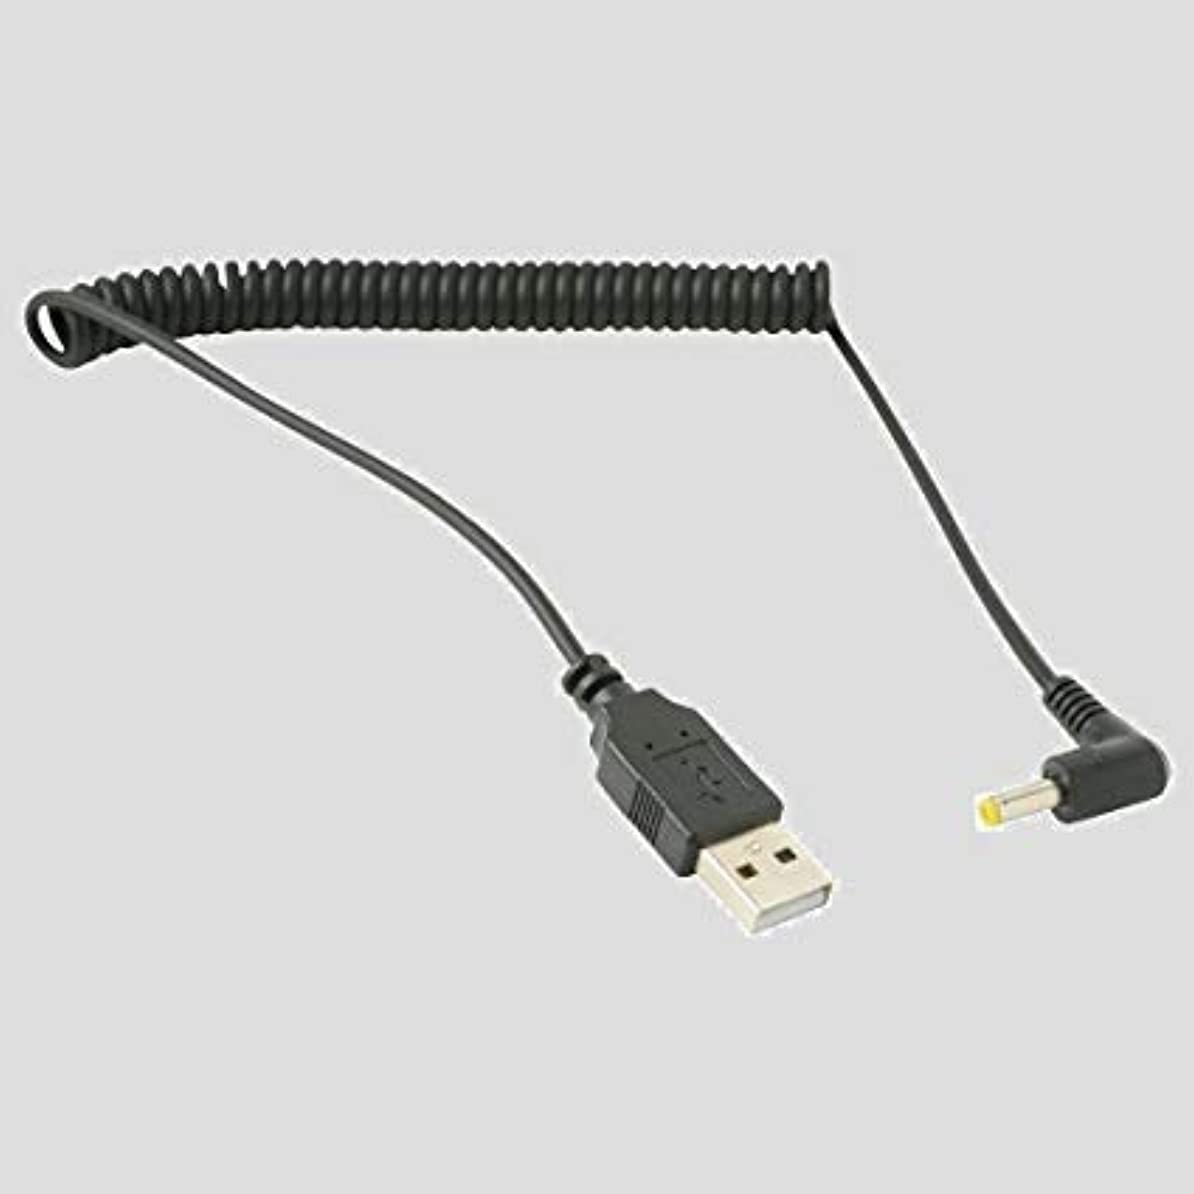 余剰ユダヤ人ストレスの多いLeeza パナソニック ゴリラ用USB電源コネクタケーブル Panasonic Gorilla用USB充電 LZ-223 PL保険(賠償責任保険)加入商品